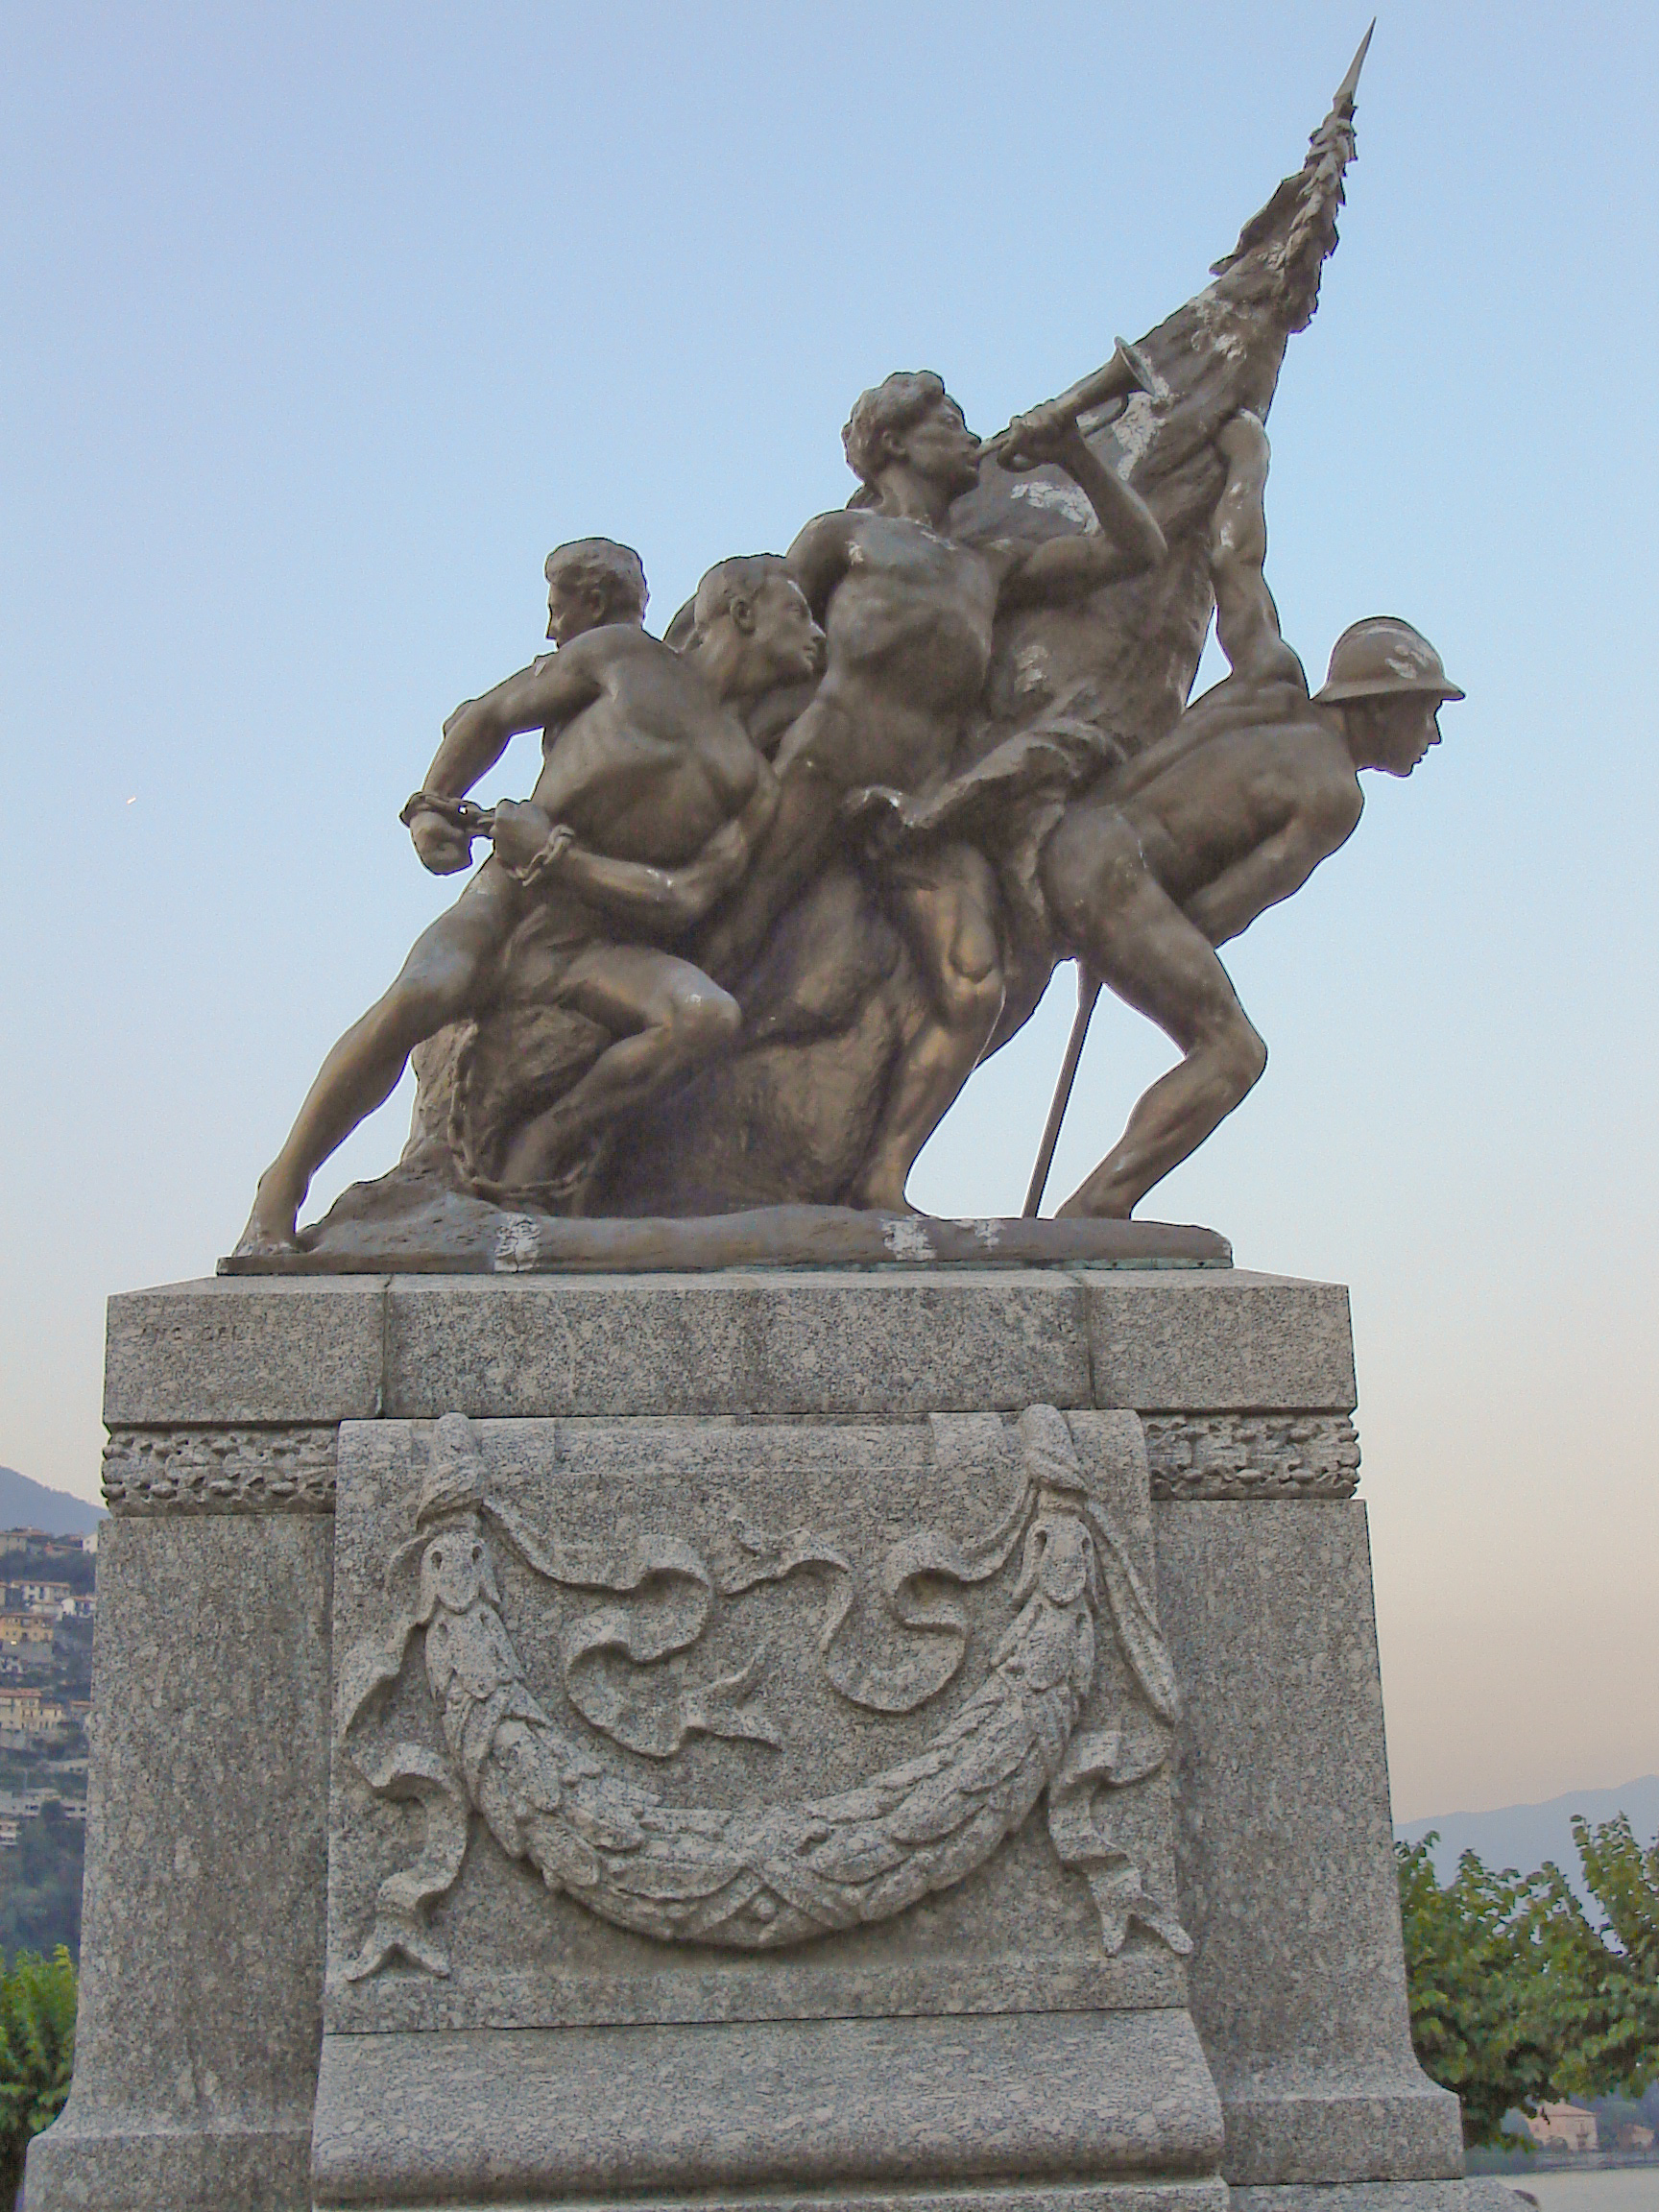 FileWorld War 1 Memorial In Cernobbio Left